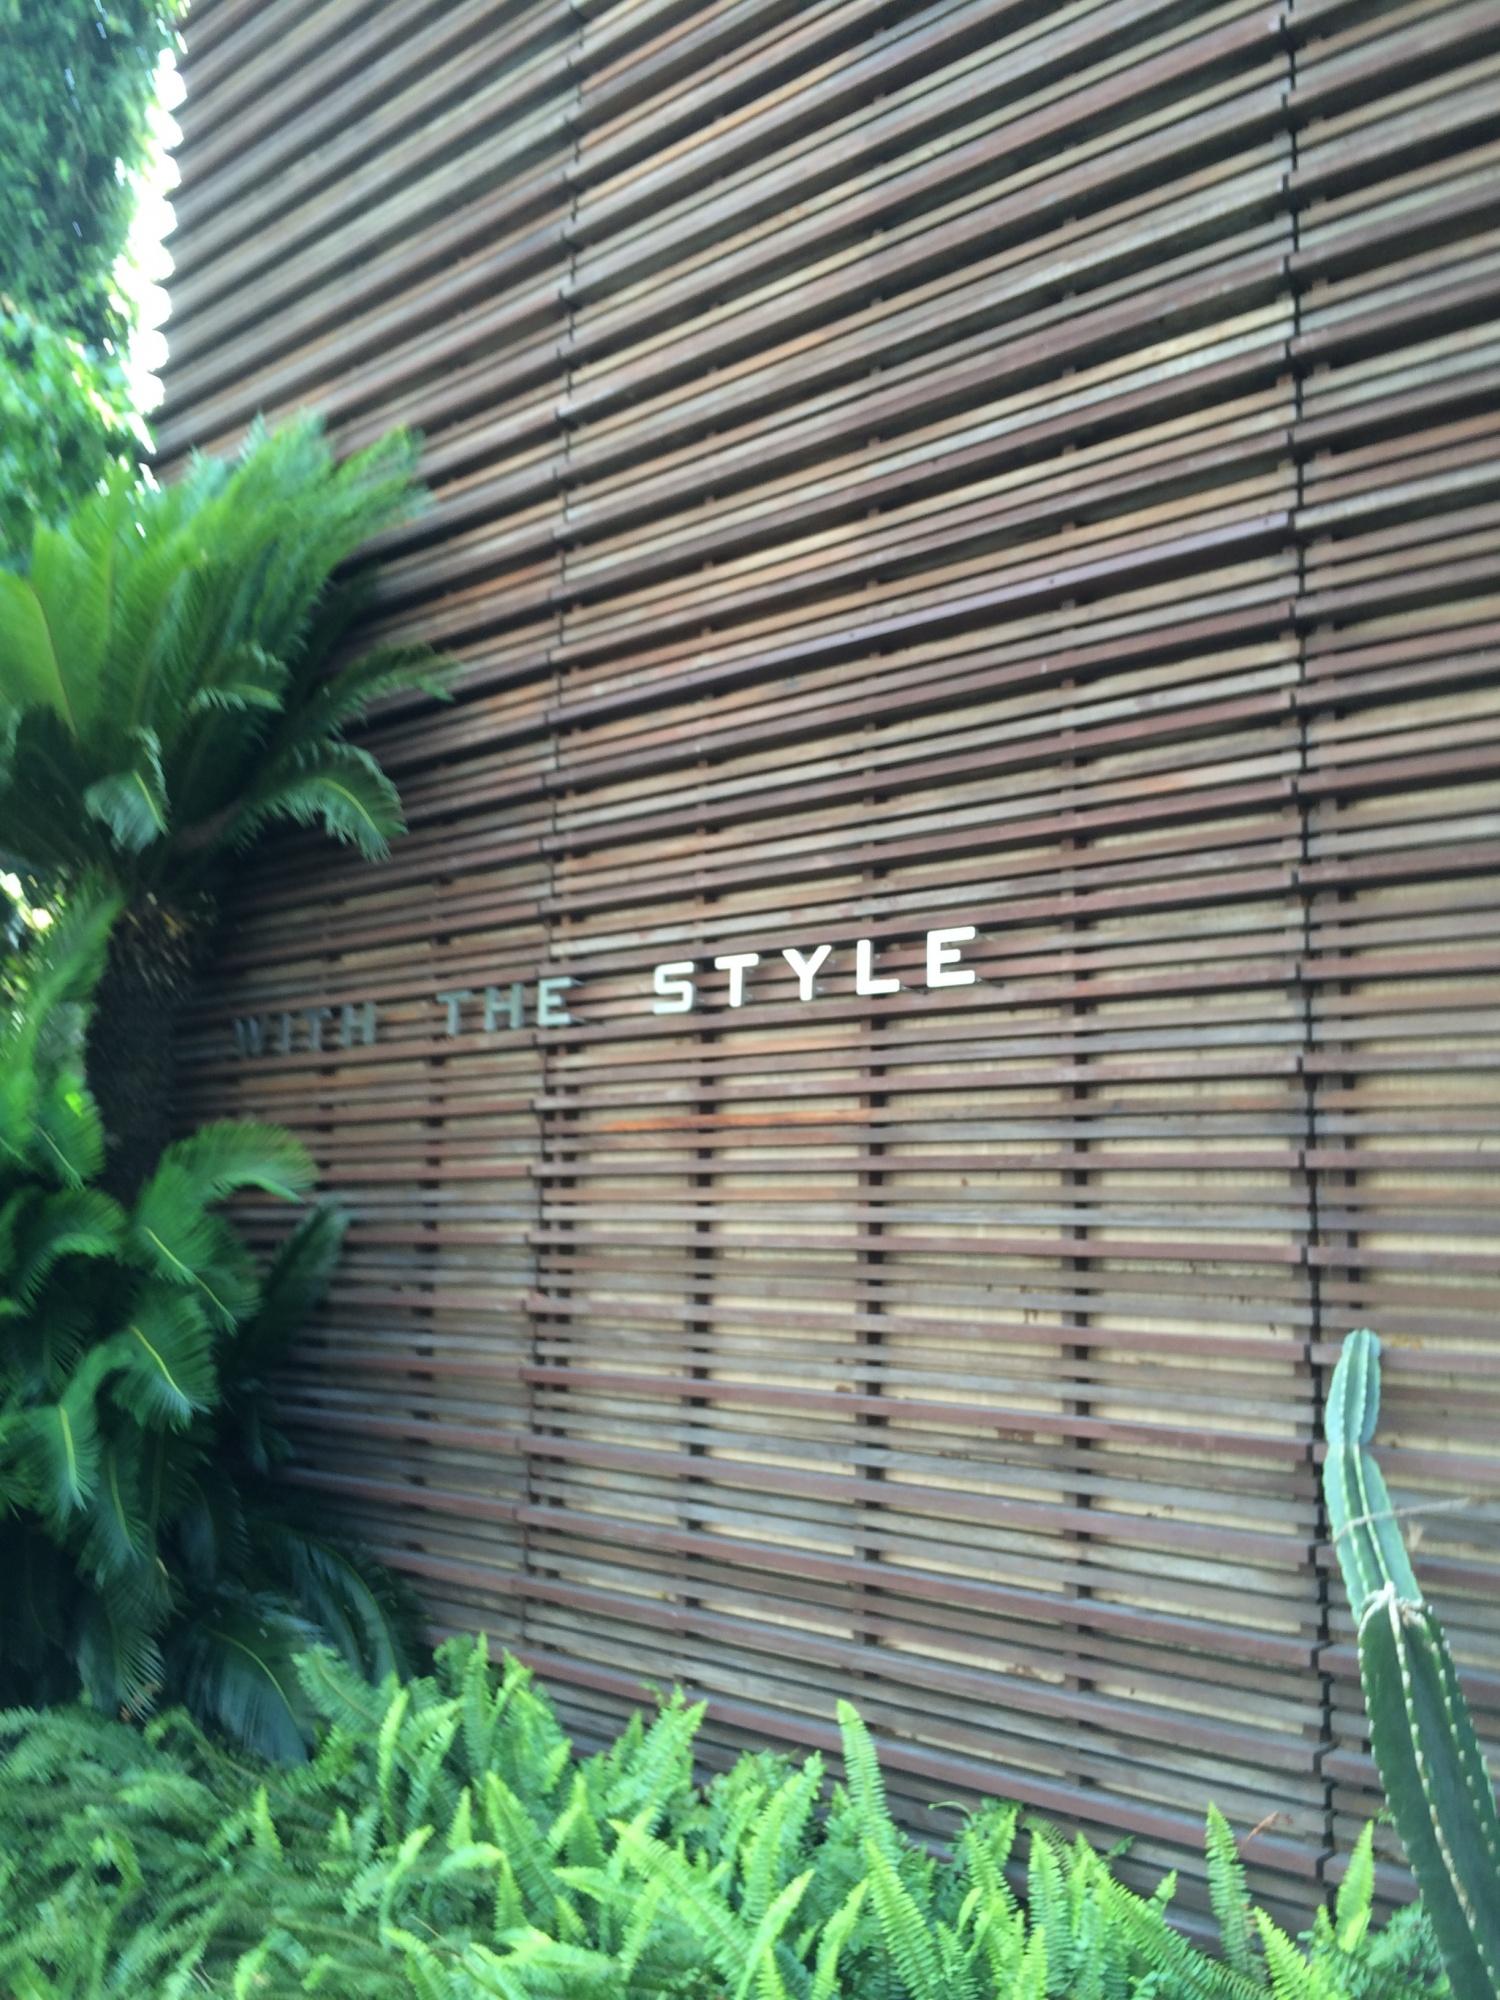 福岡市ホテルWITH THE STYLE